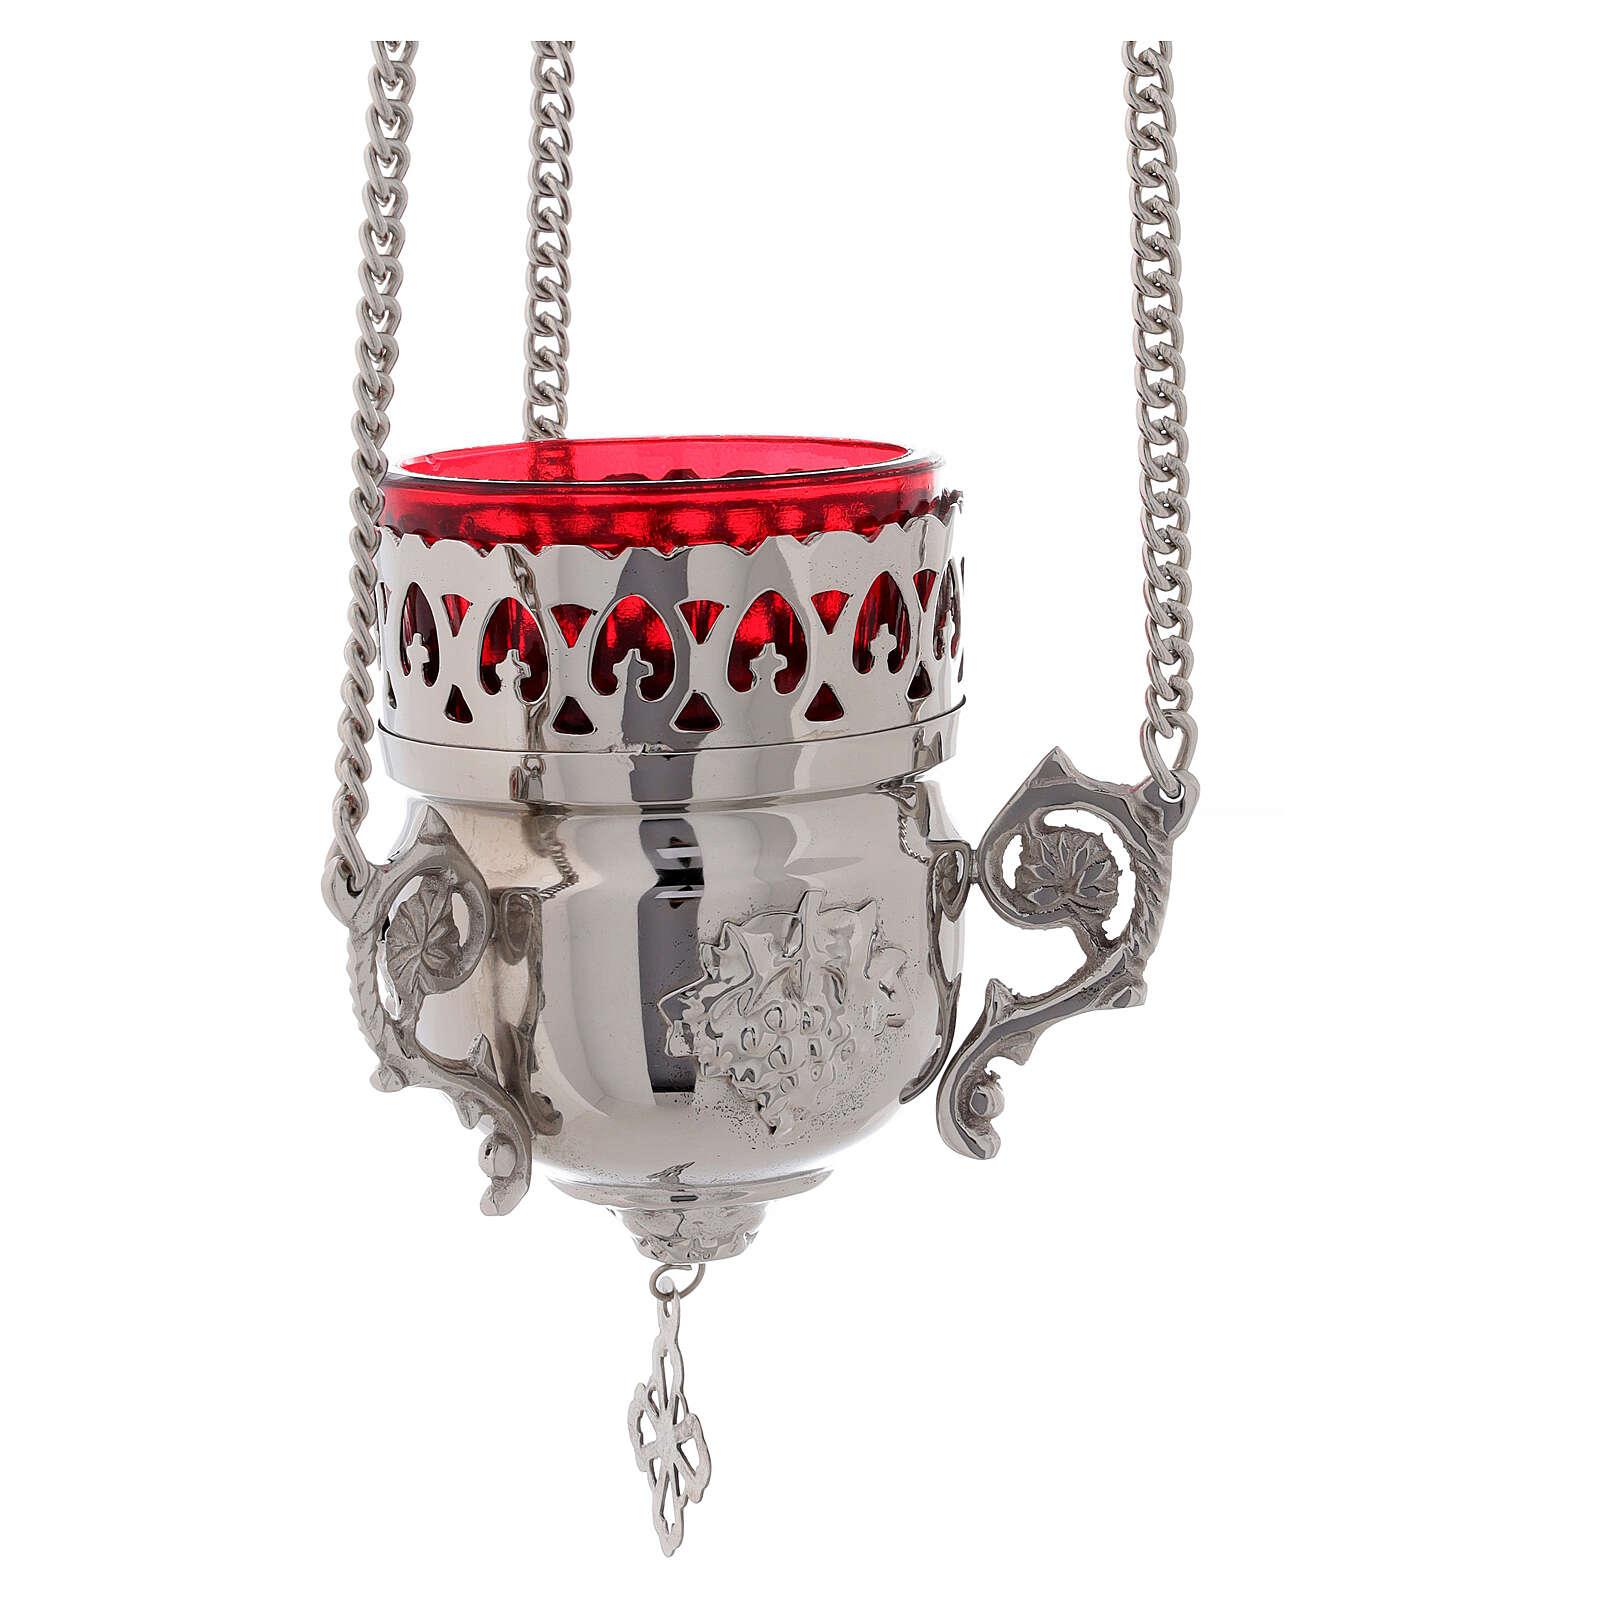 Lanterna tabernacolo ottone vetro rosso con gancio 15 cm 3